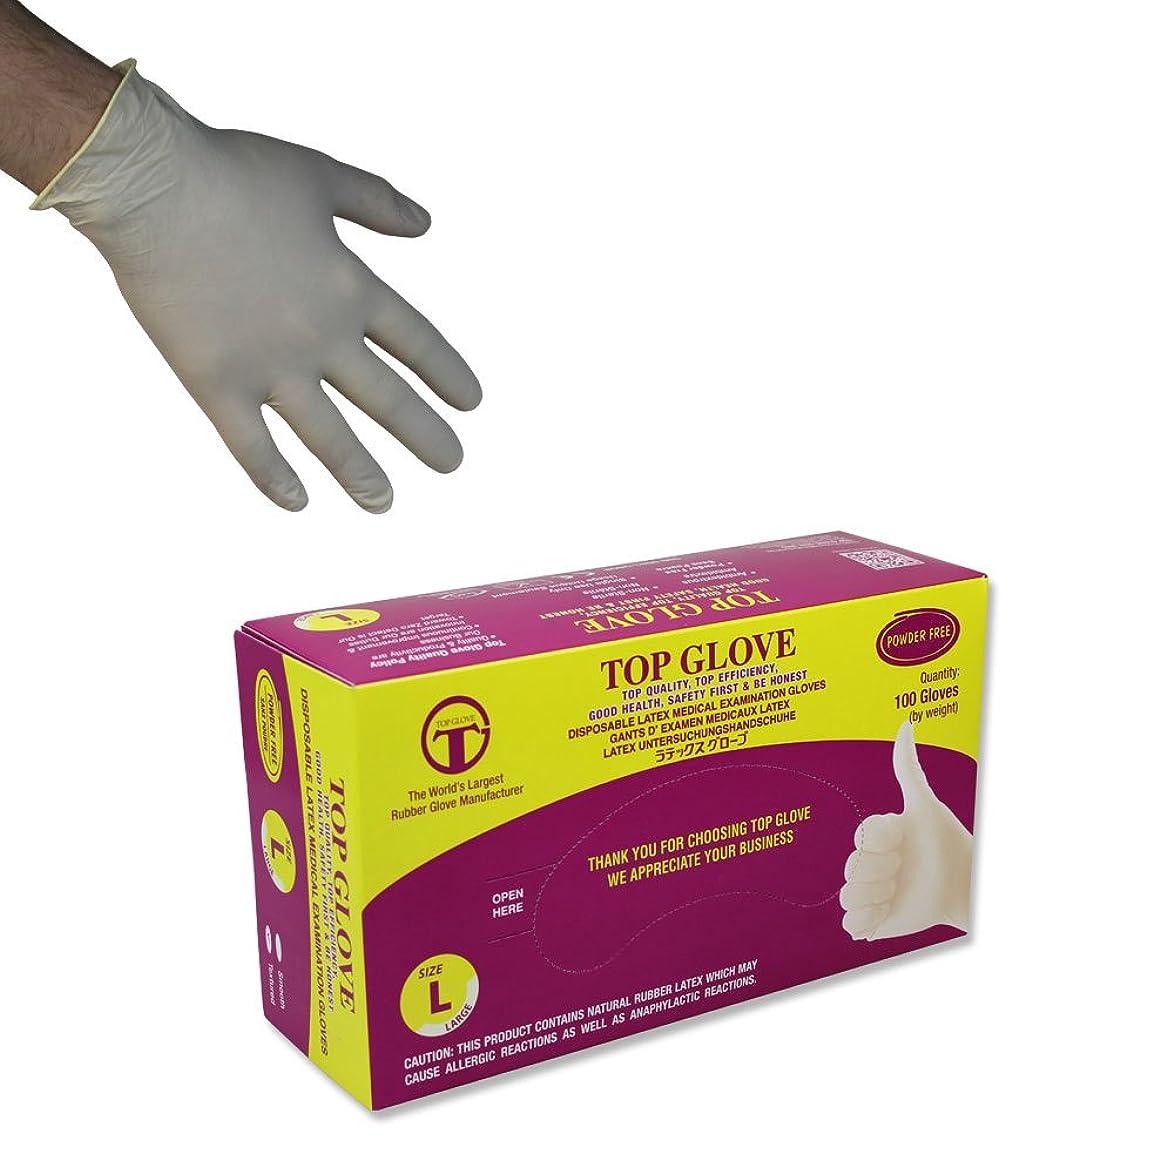 放射性する必要がある薄汚いトップグローブパウダーフリーの使い捨てラテックス手袋 - AQL 1.5-100個入り(ミディアム)